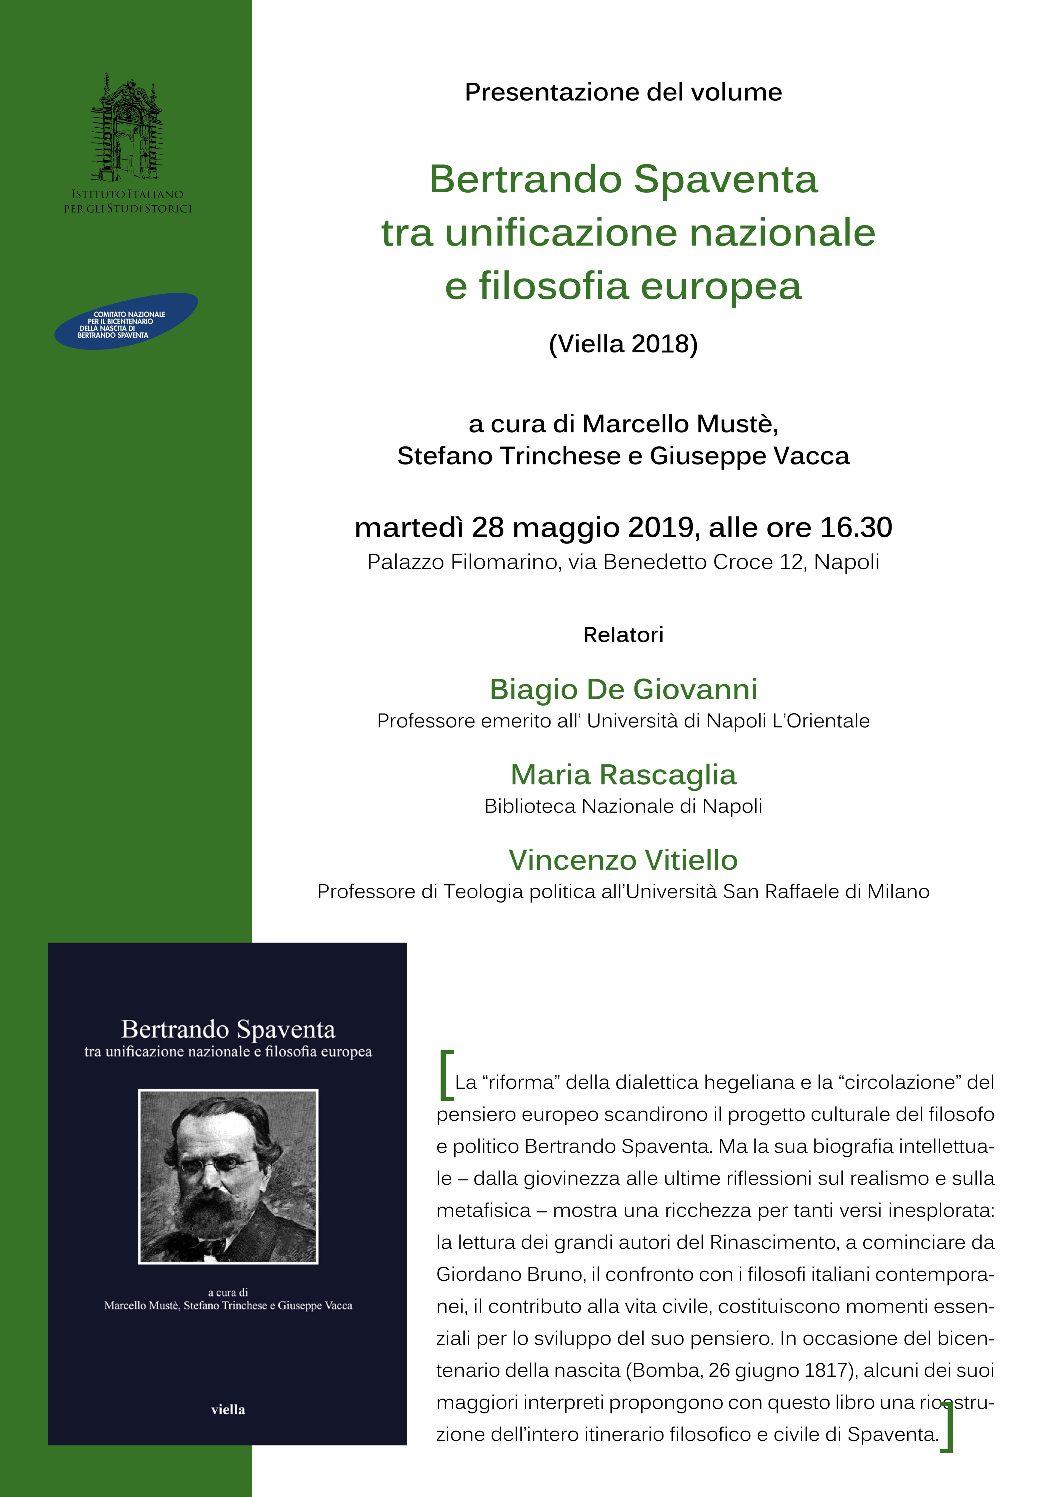 Presentazione volume Bertrando Spaventa tra unificazione nazionale e filosofia europea – martedì 28 maggio 2019